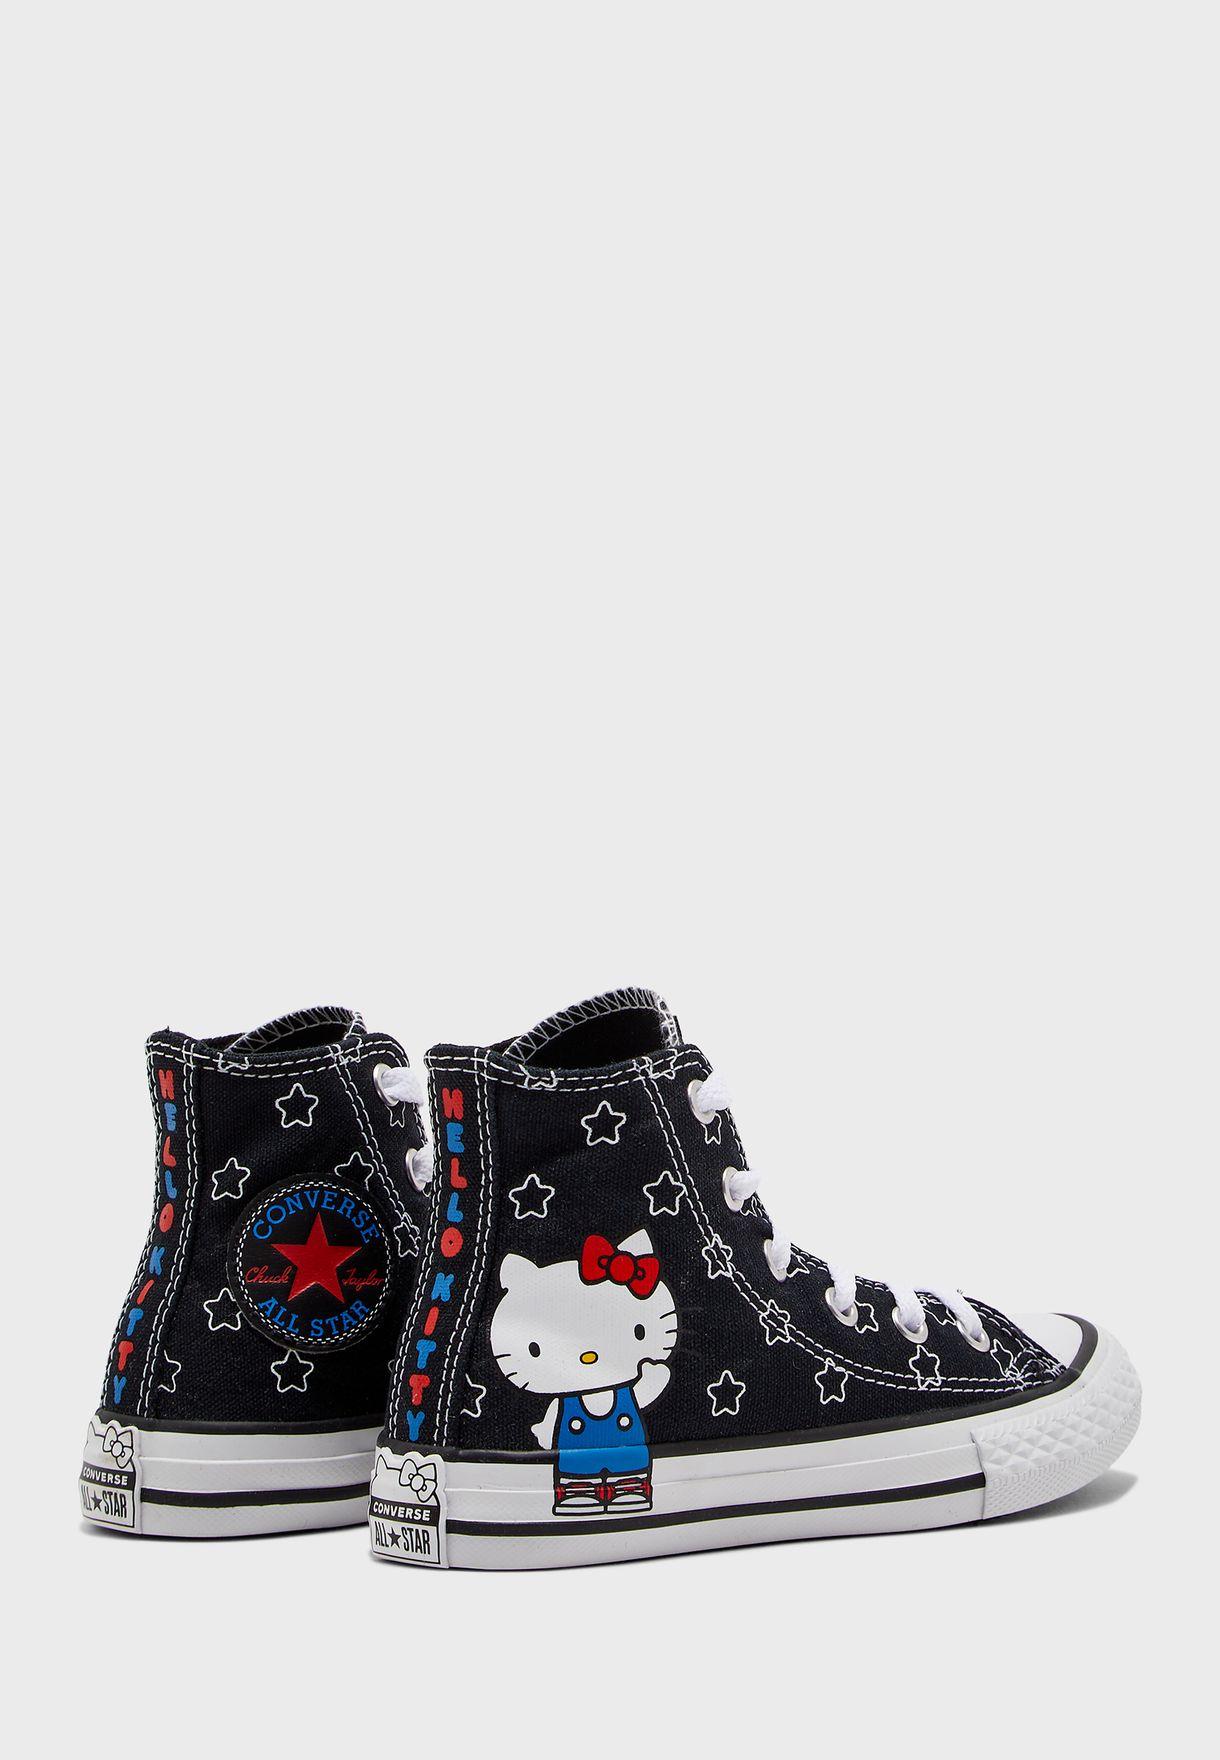 حذاء هالو كيتي تشك تايلور اول ستار